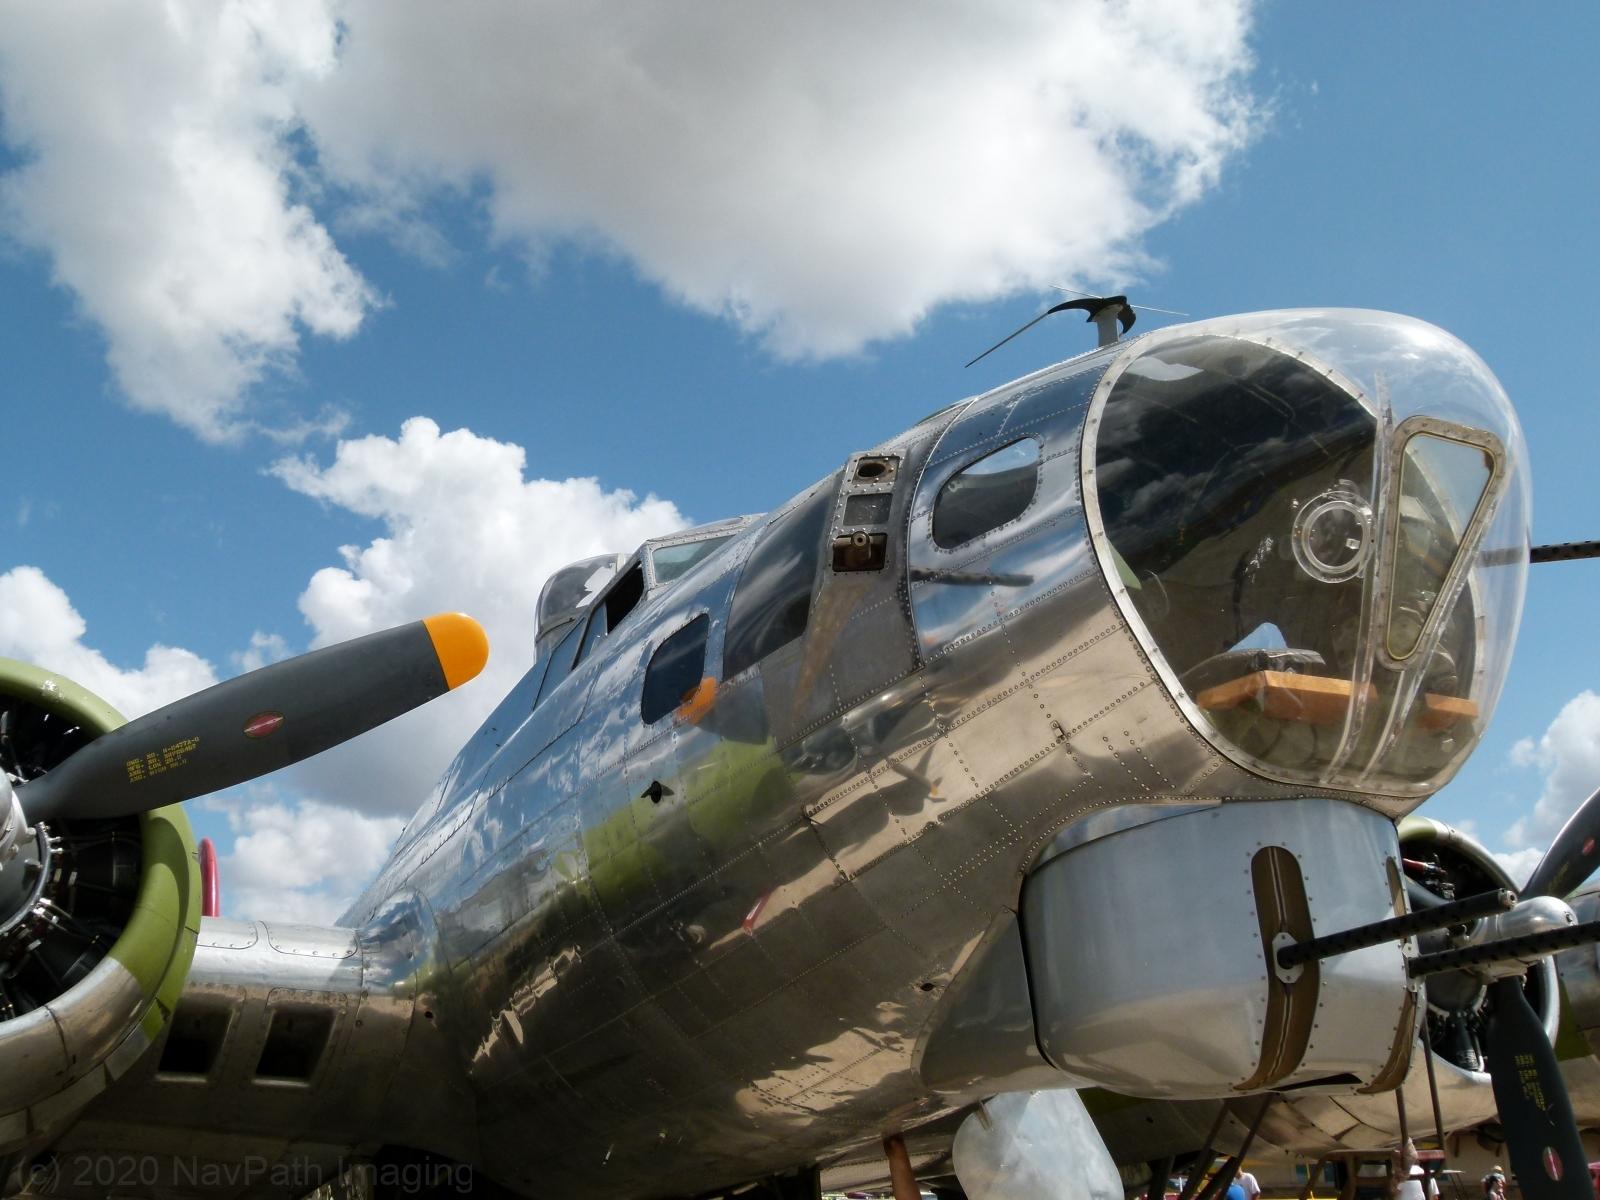 B-17-1-P1070639